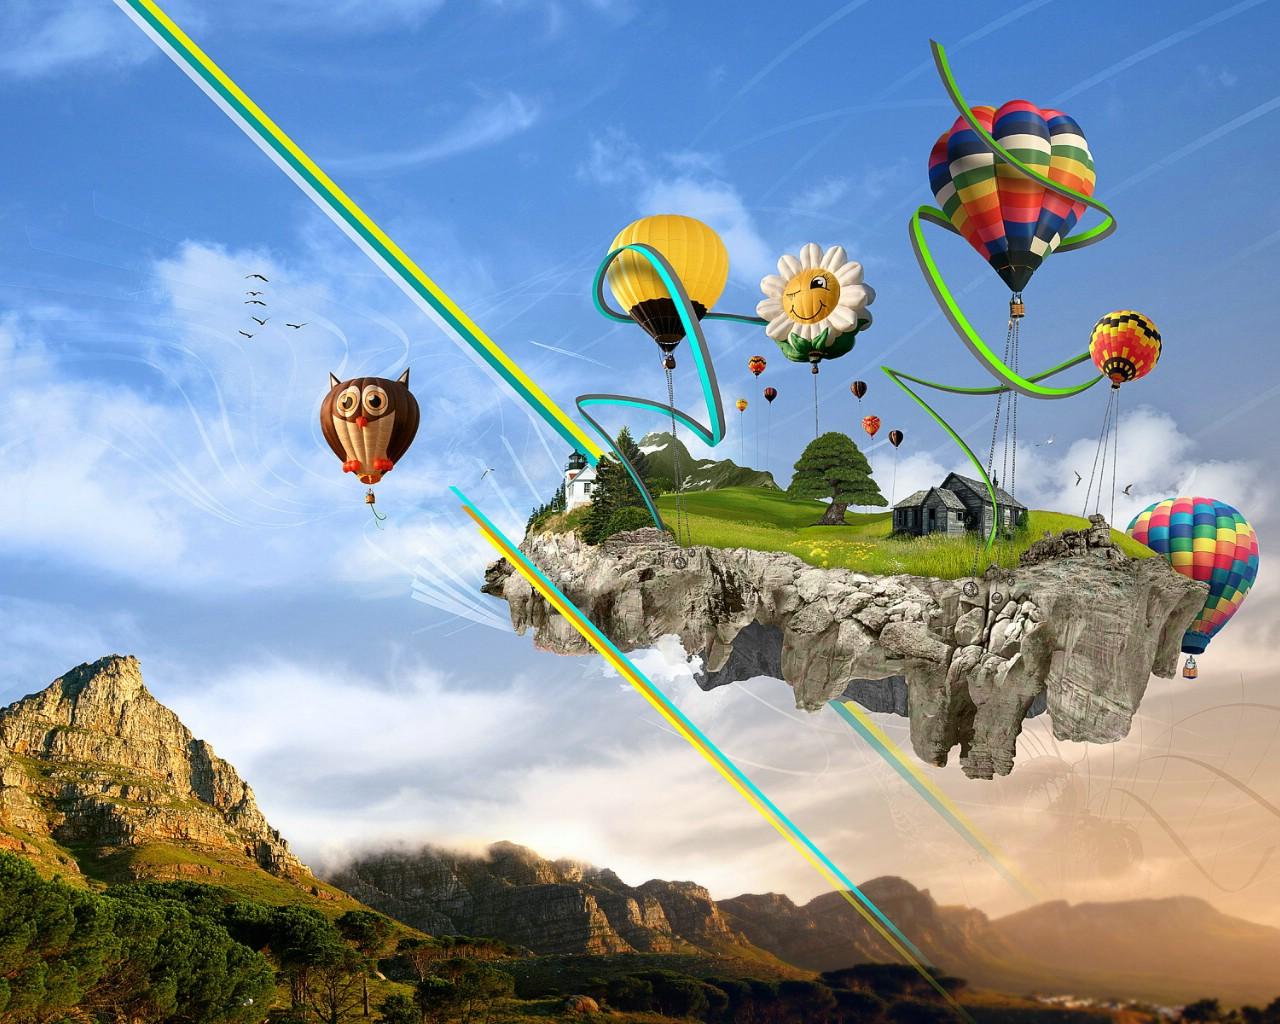 壁纸1280×10242010年3月壁纸下载壁纸 2010年3月壁纸下载壁纸图片精选壁纸精选图片素材桌面壁纸